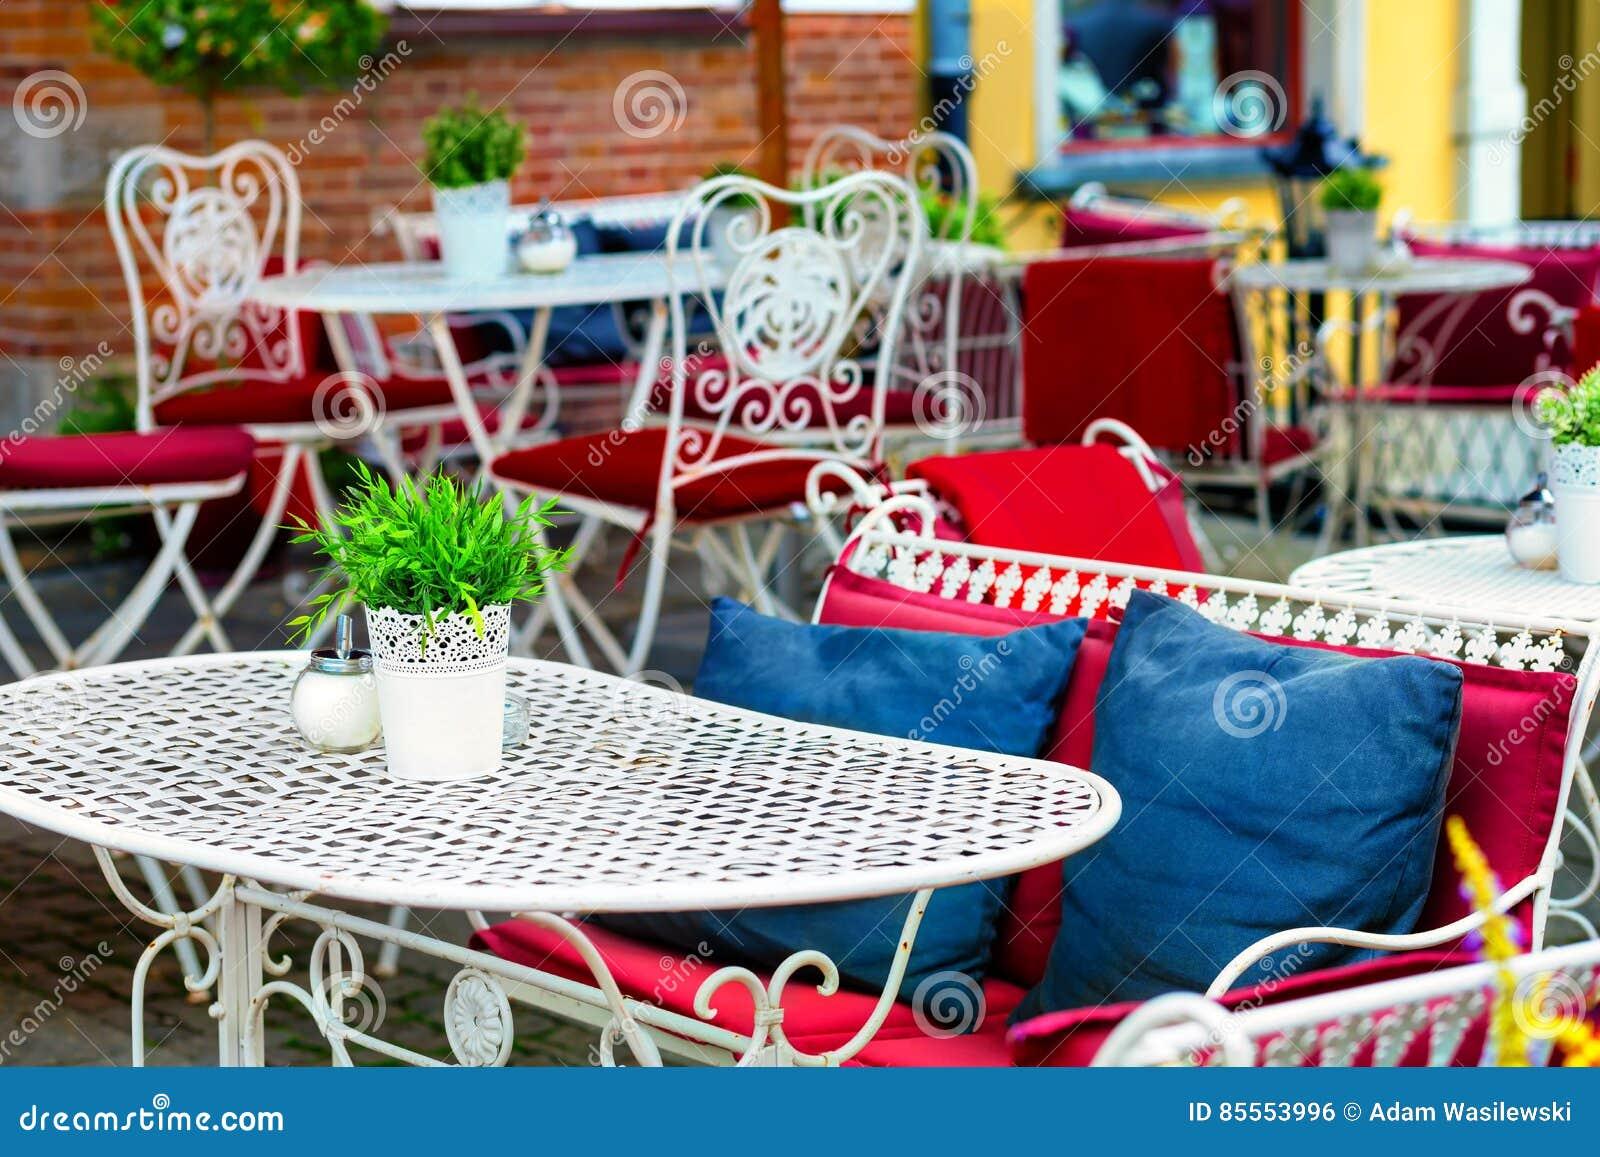 Europäisches Restaurant - Tabellen und Fantasiestühle